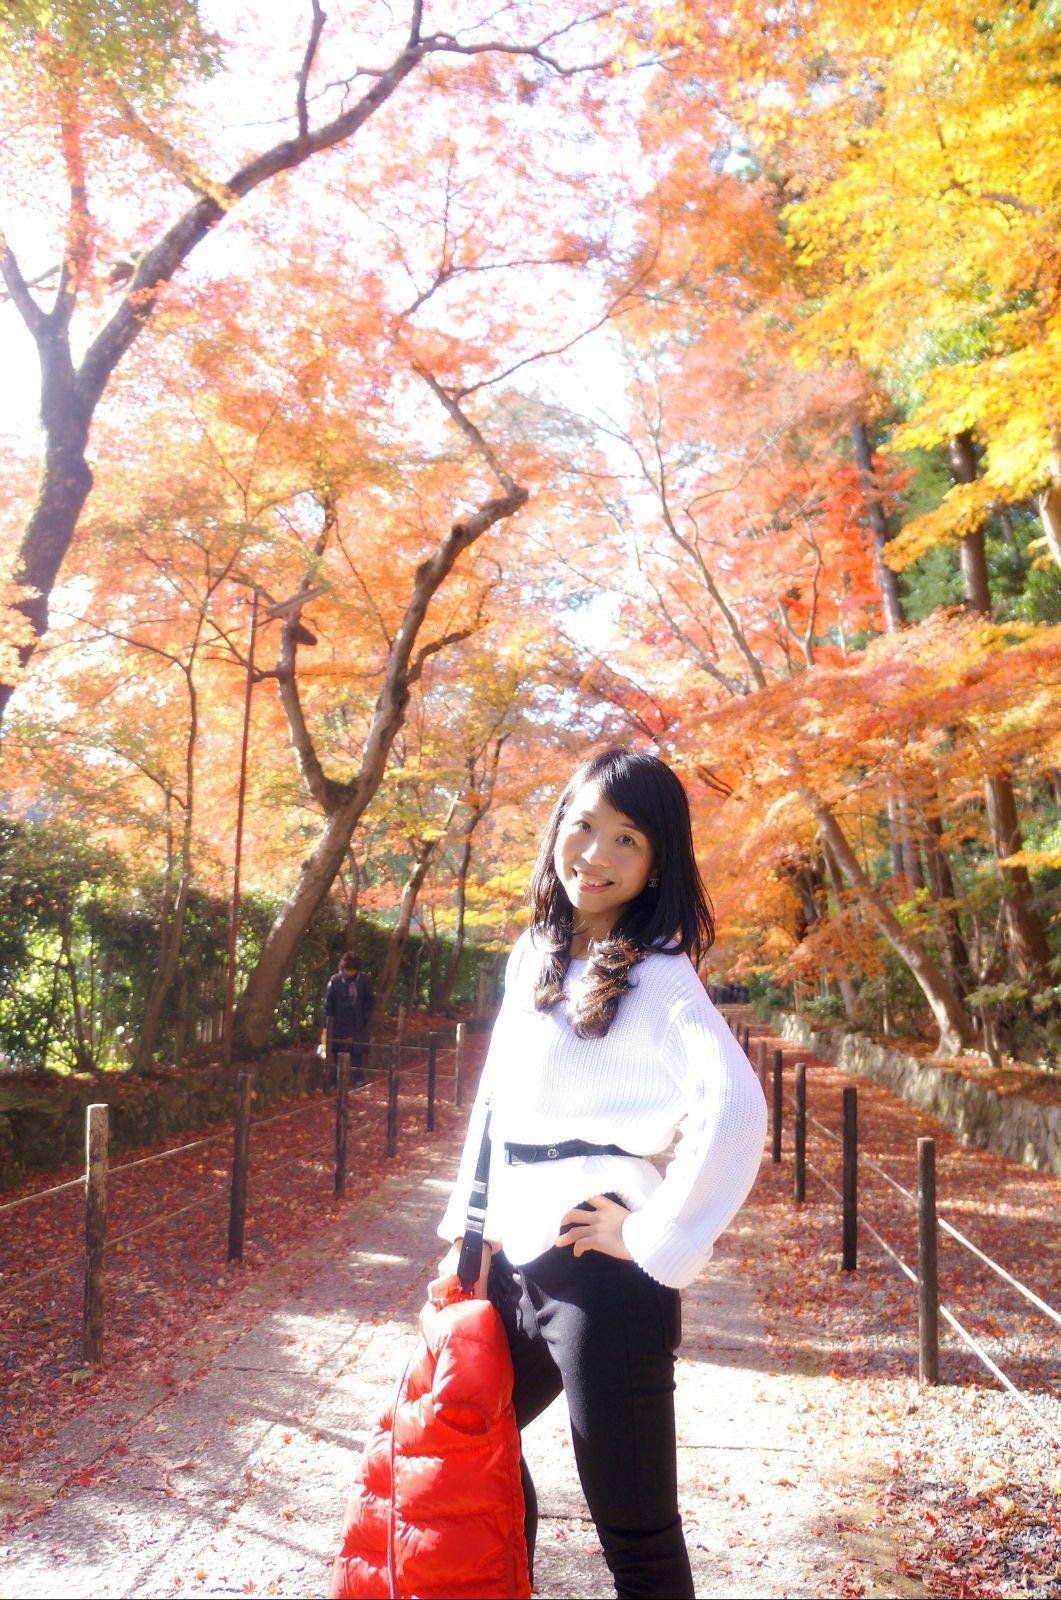 京都红叶狩图片